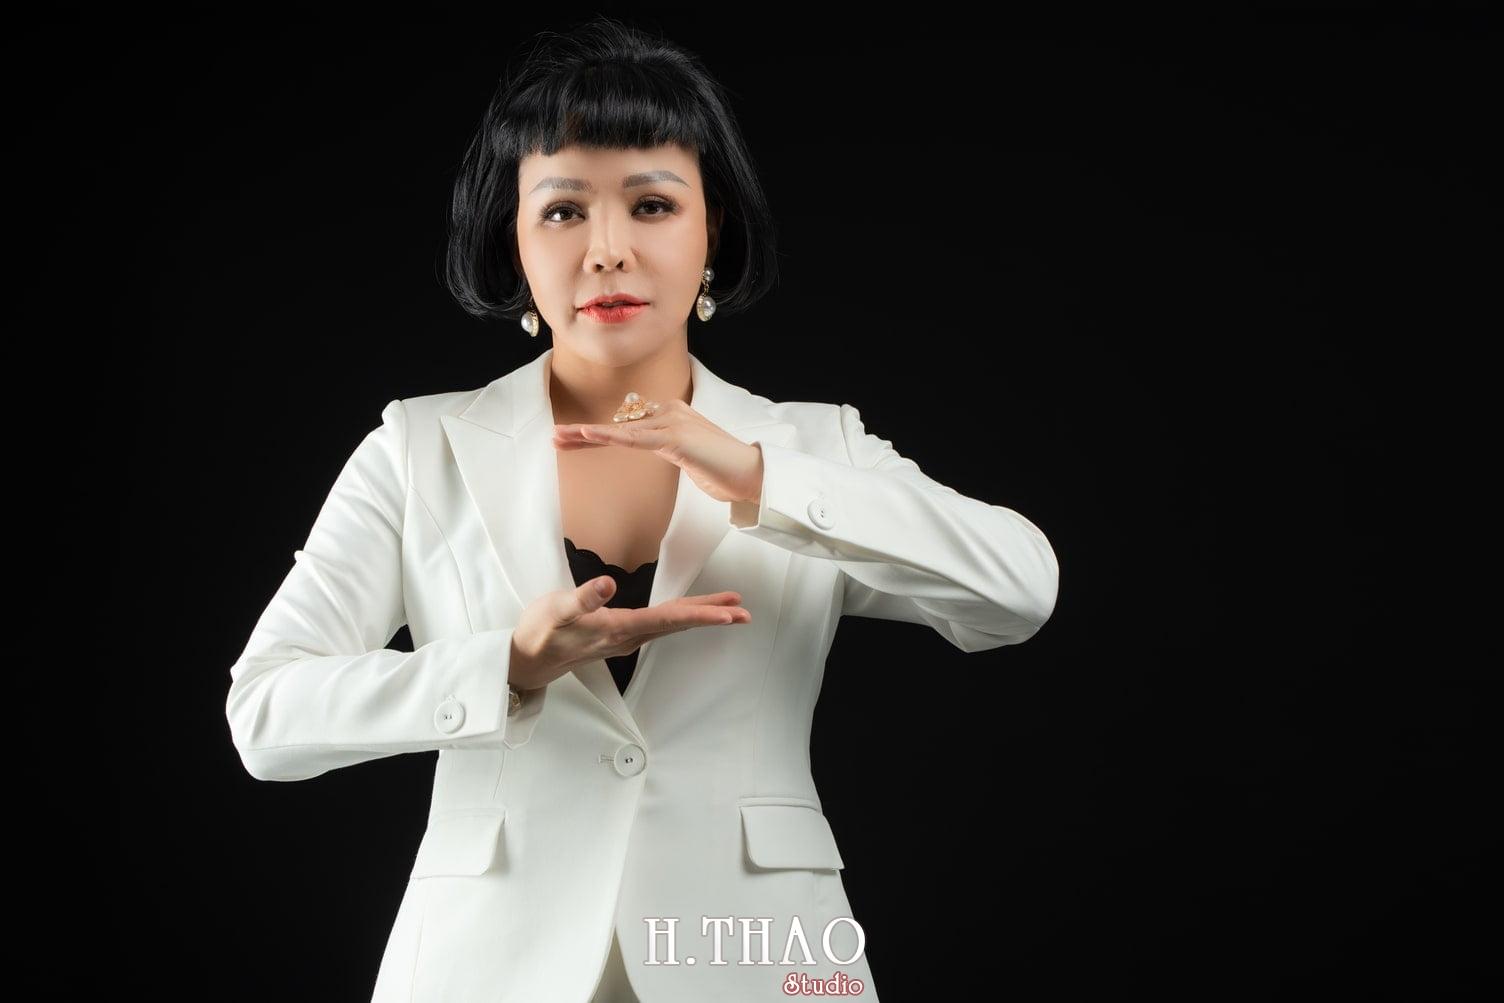 Doanh nhan dao tao 8 - Album nữ doanh nhân ngành đào tạo giải pháp Hoàng Dung